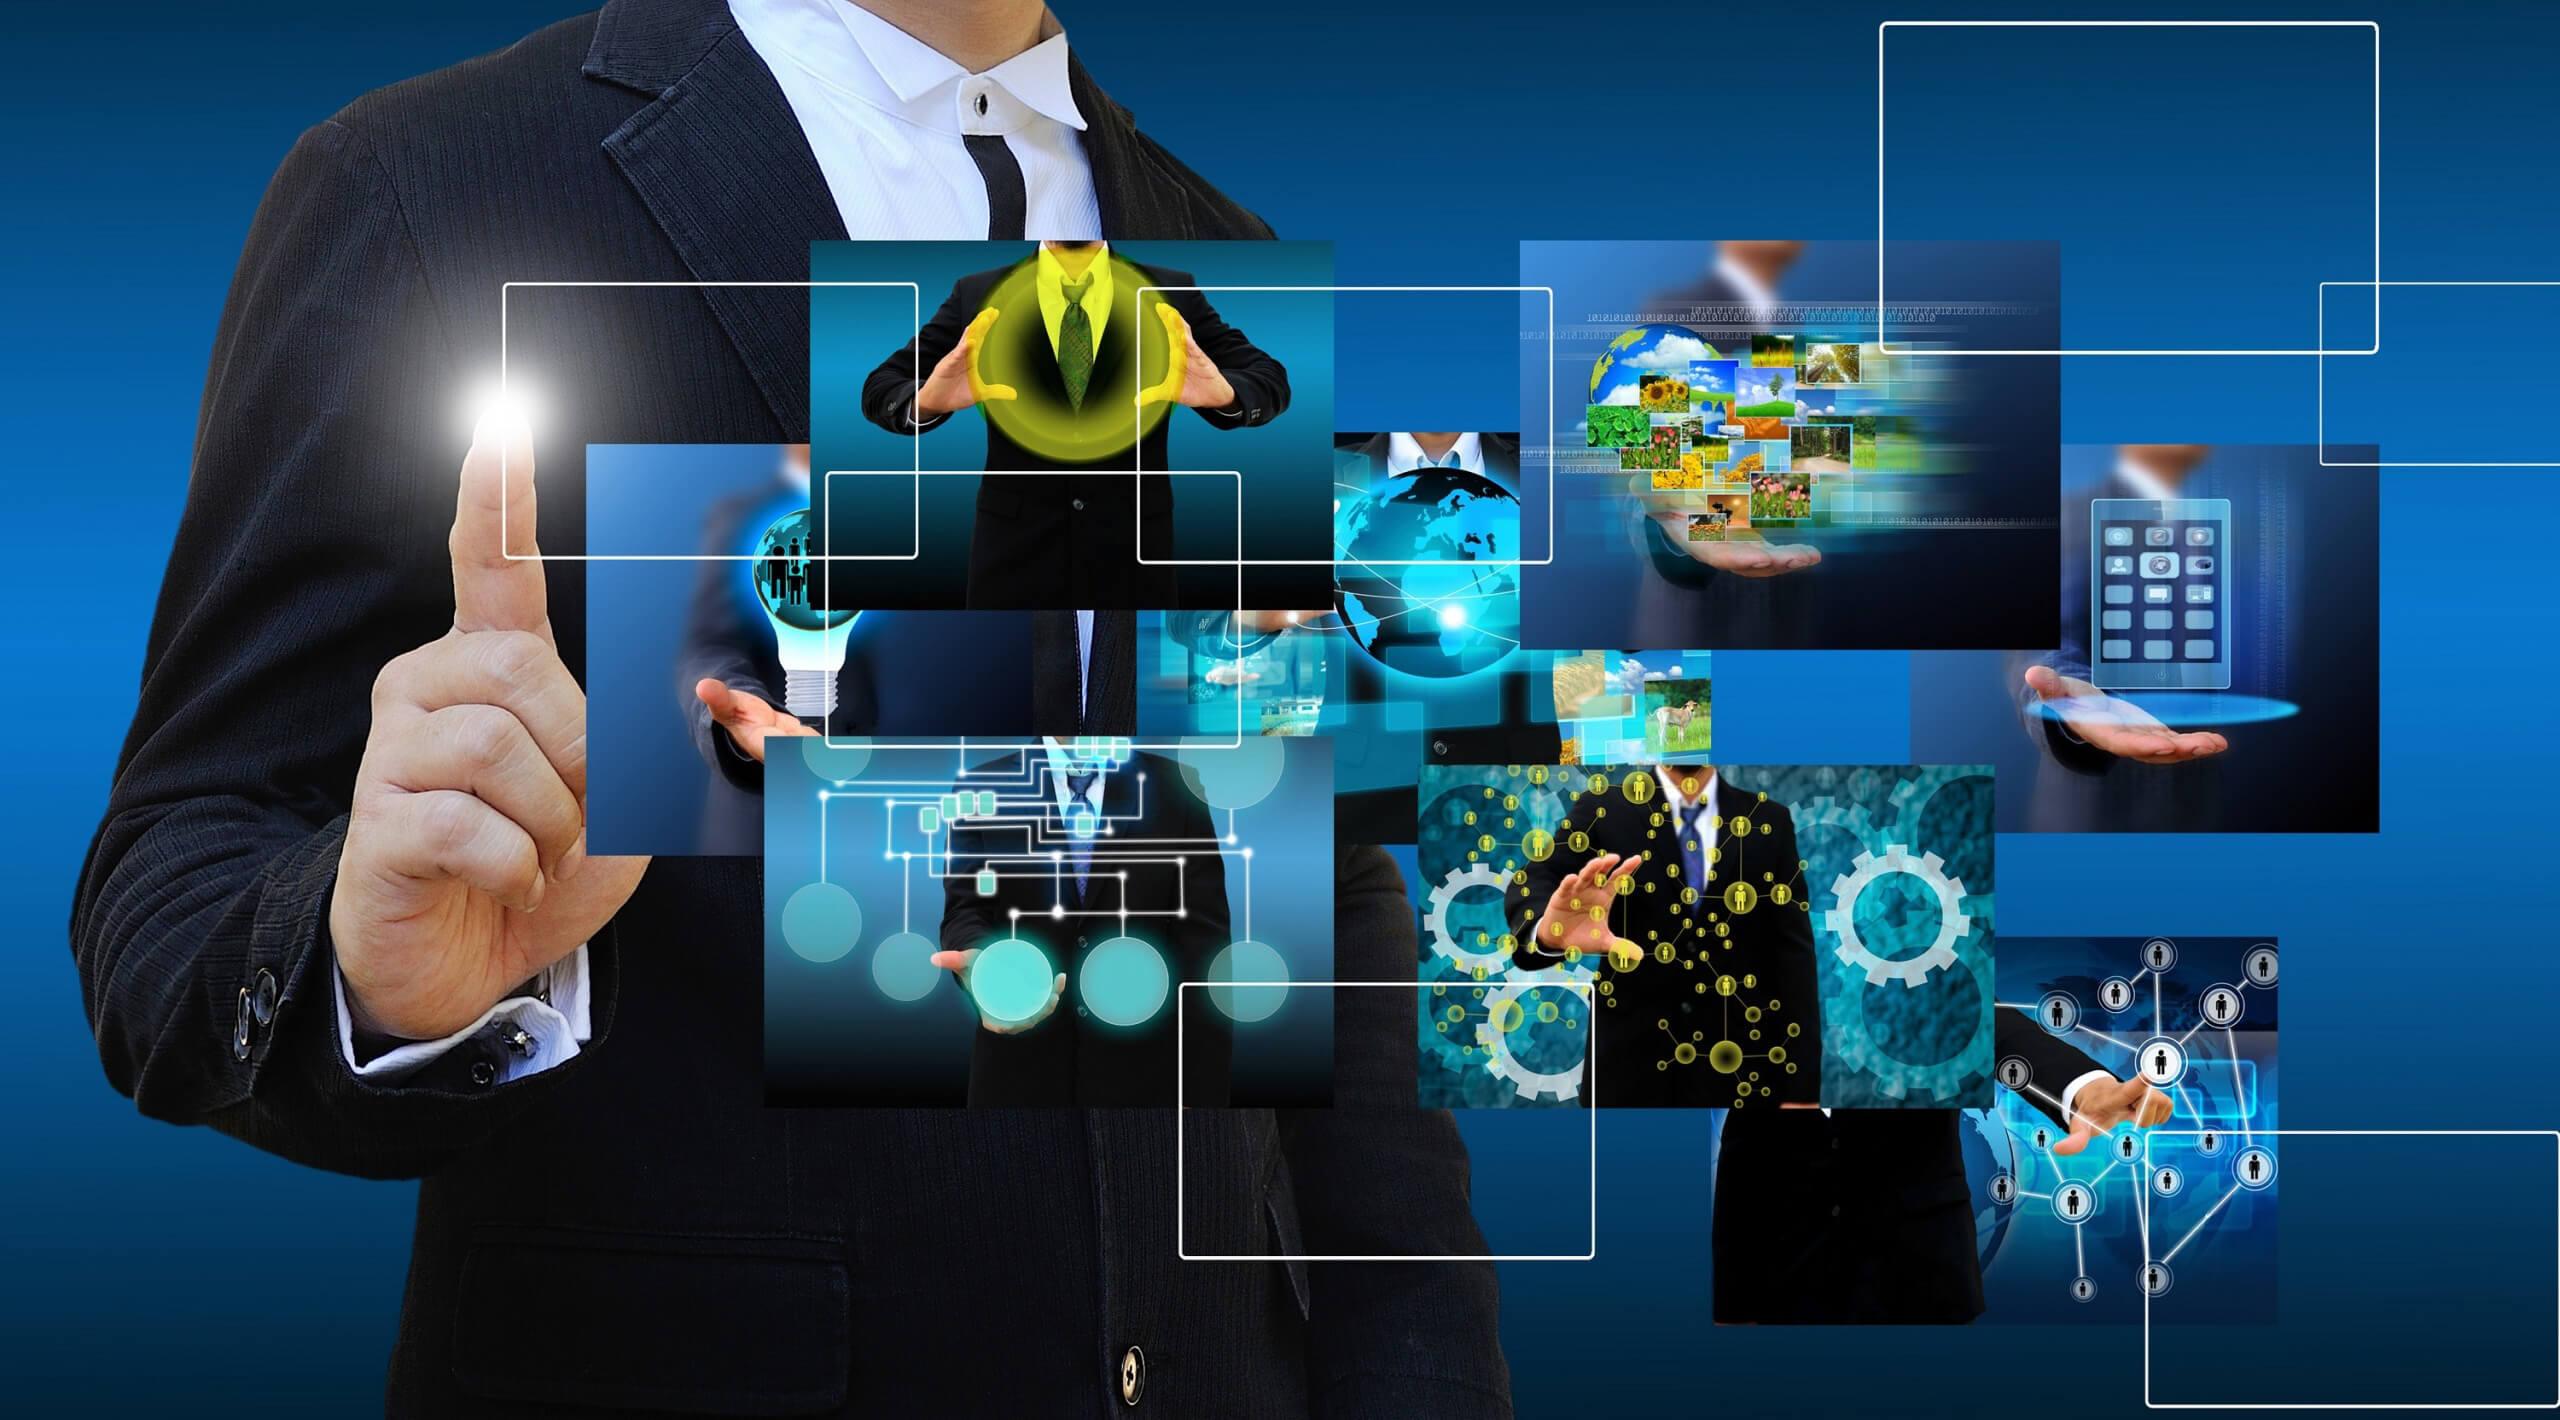 Начать бизнес в Интернете с нуля без вложений гораздо проще, чем в условиях обычной жизни